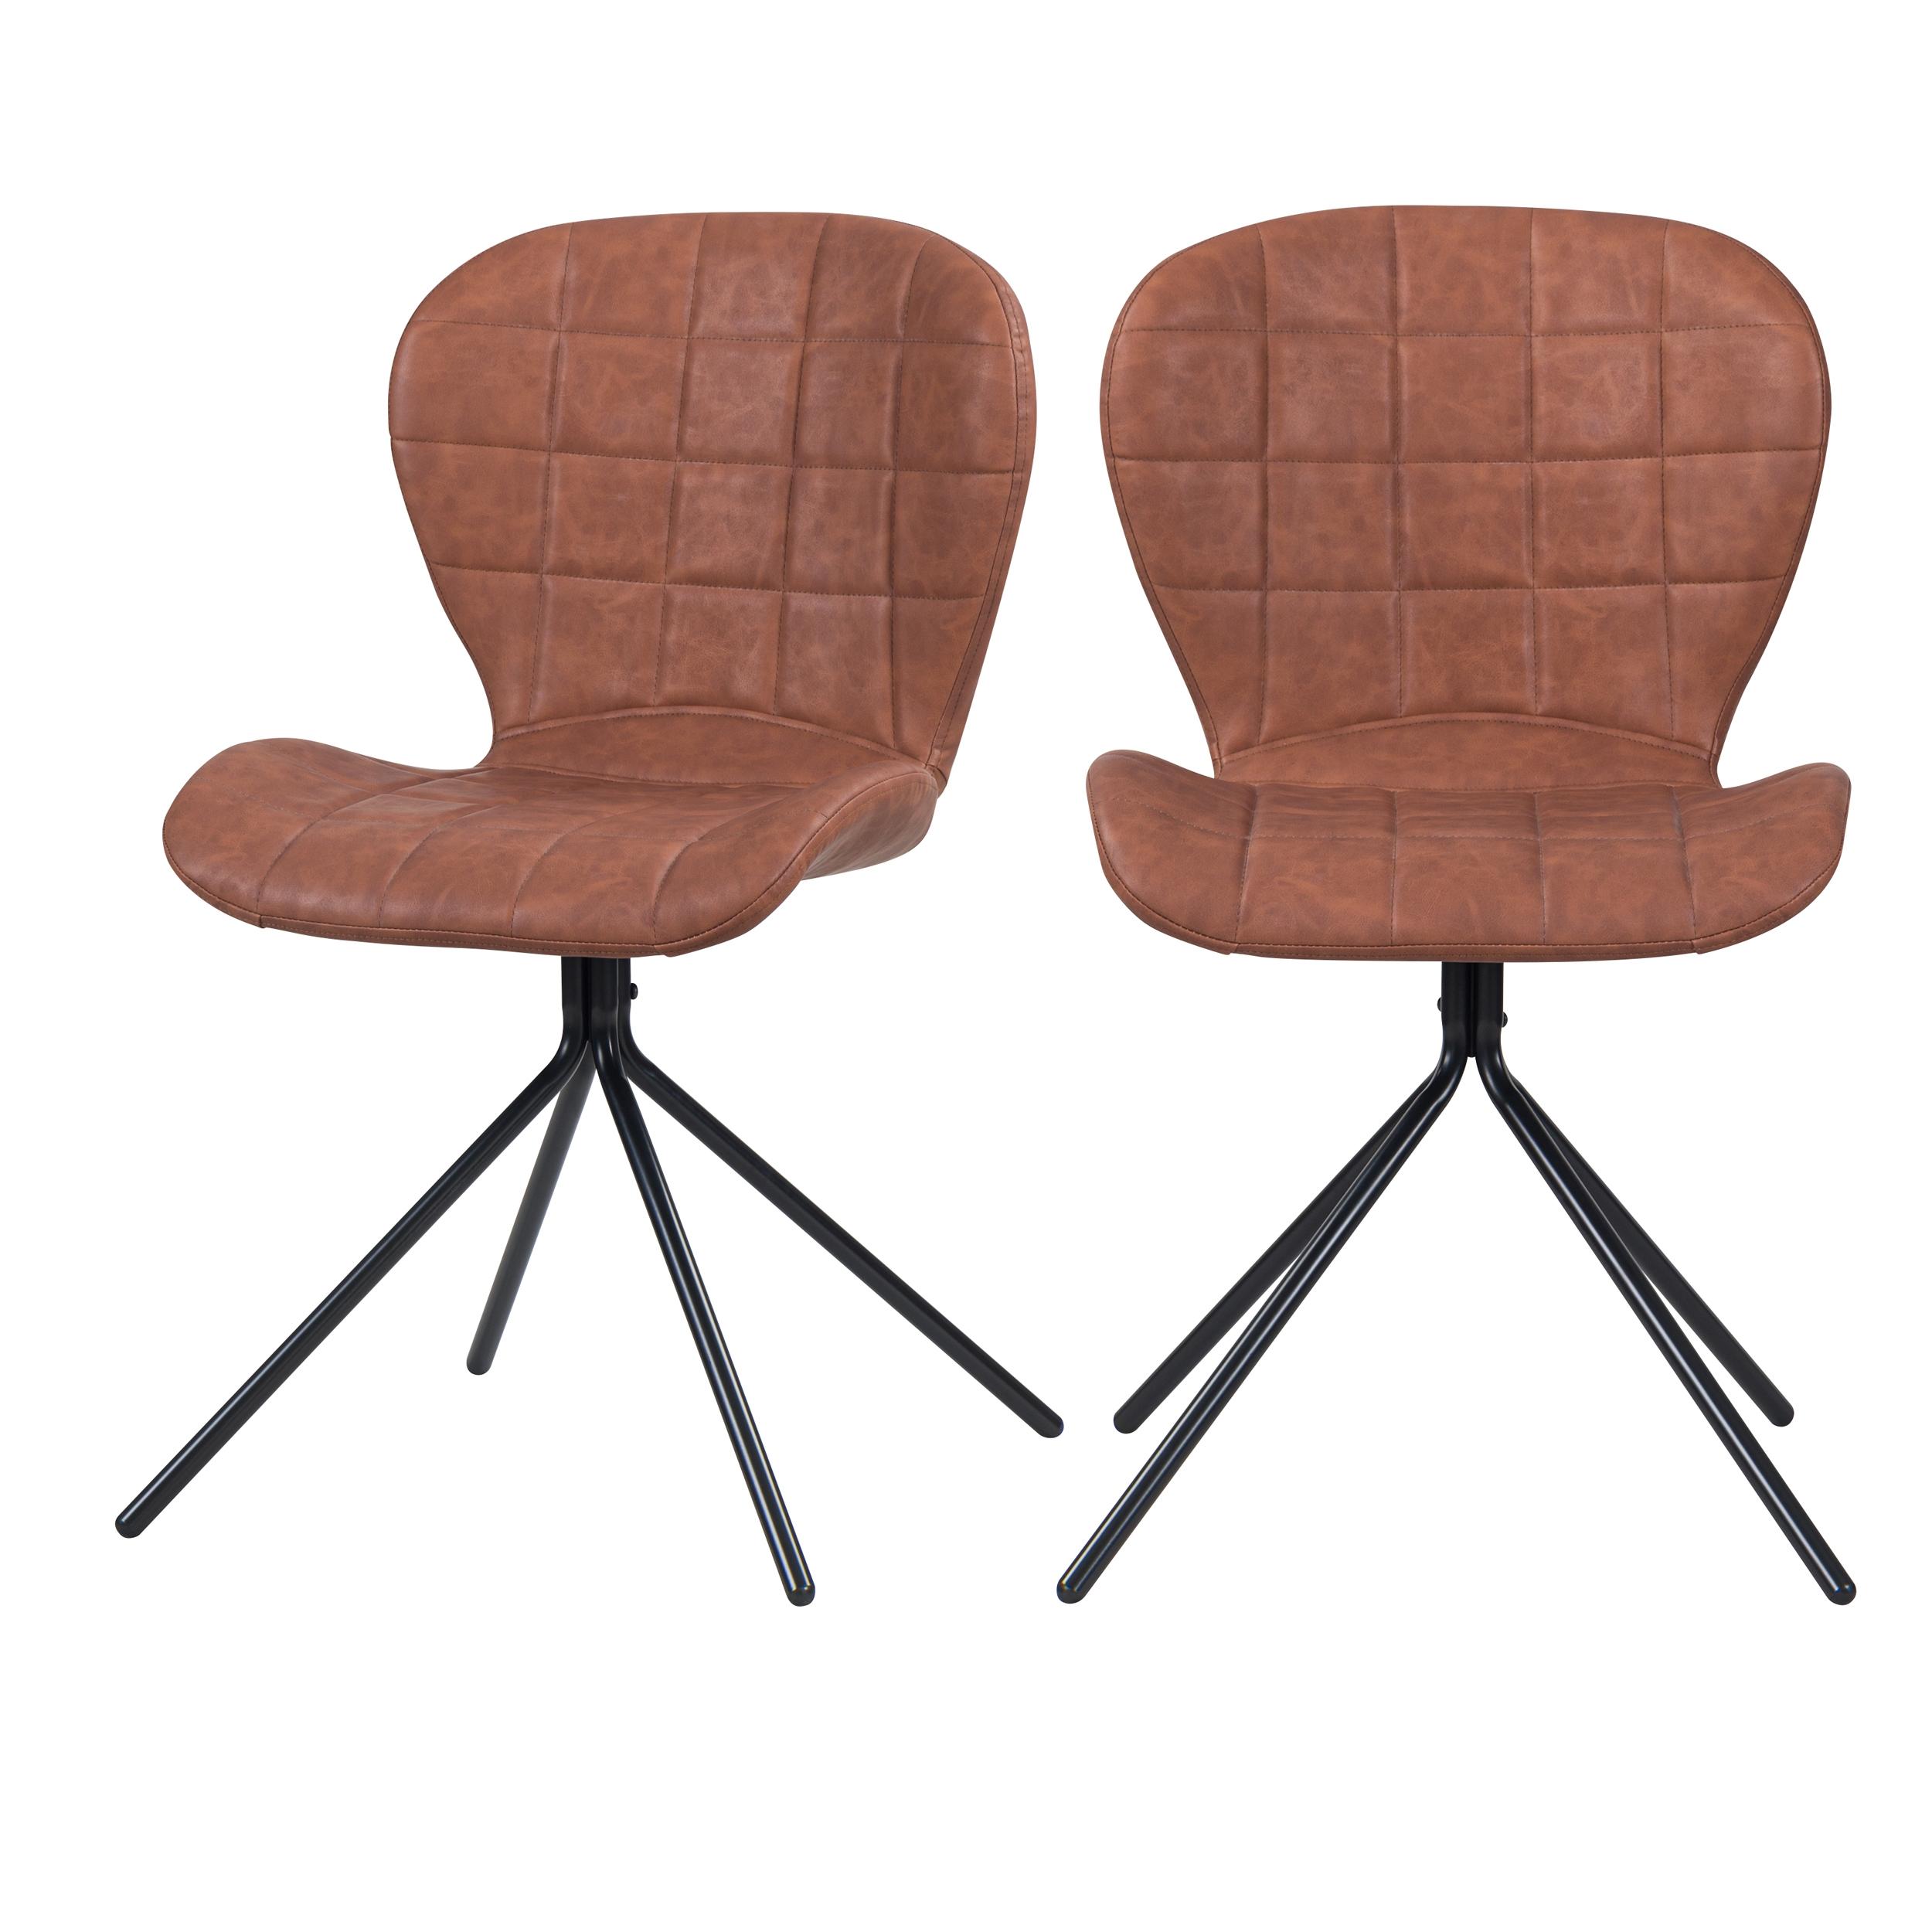 Chaise en PU molletonné camel et pieds en métal